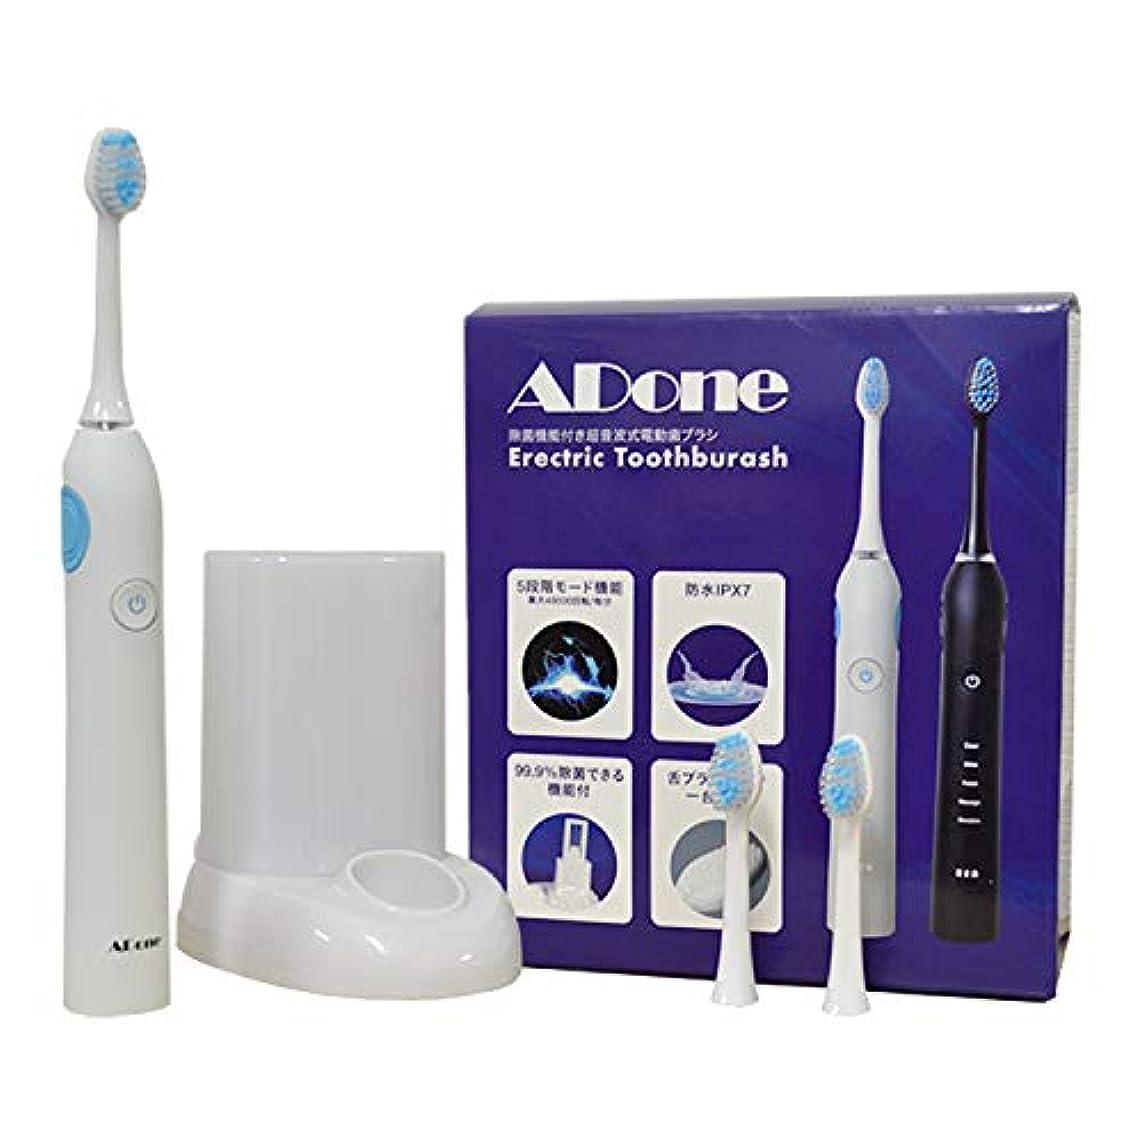 下に向けますバンク神社国内ブランド アドワン 電動歯ブラシ UV除菌機能付き 歯ブラシ ブラック IPX7防水 替えブラシ3本 デンタルケア (ホワイト)